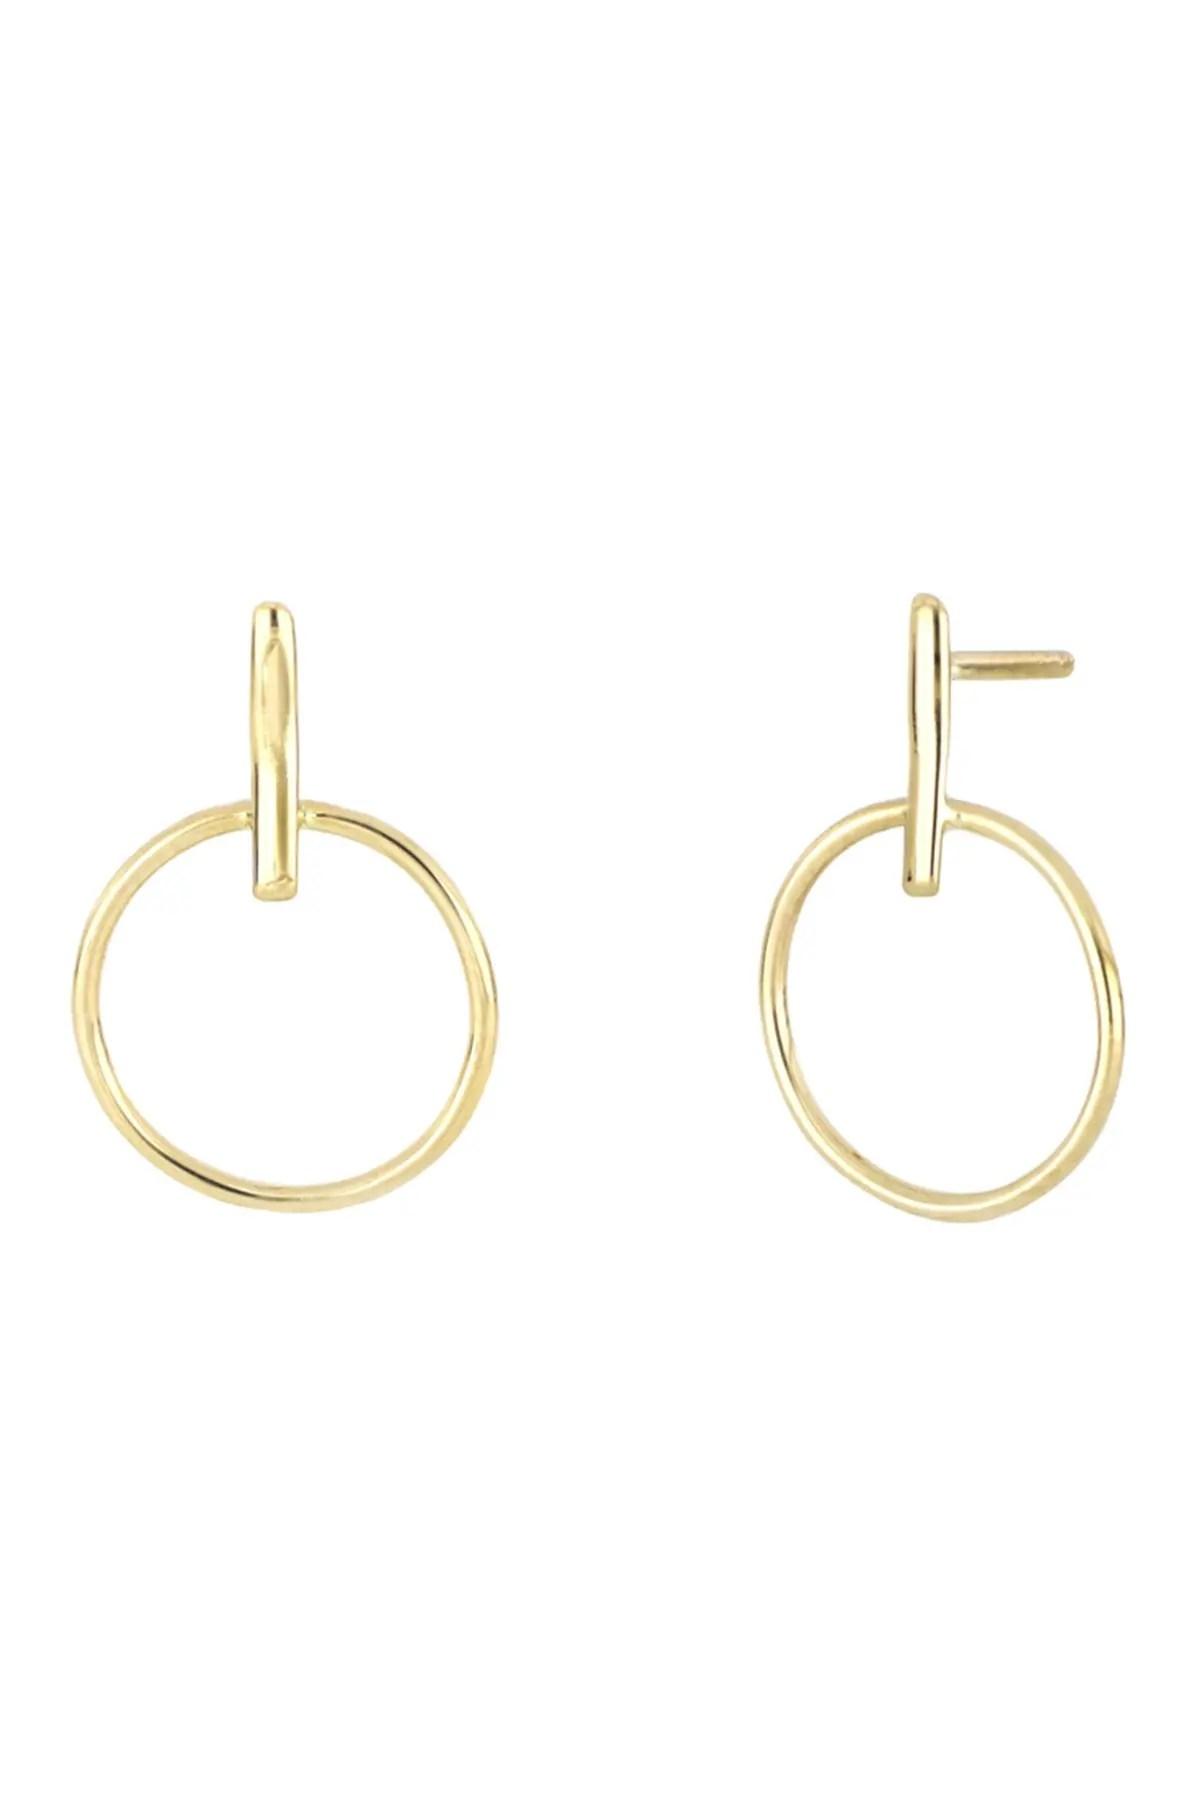 bony levy 14k yellow gold door knocker stud earrings nordstrom rack